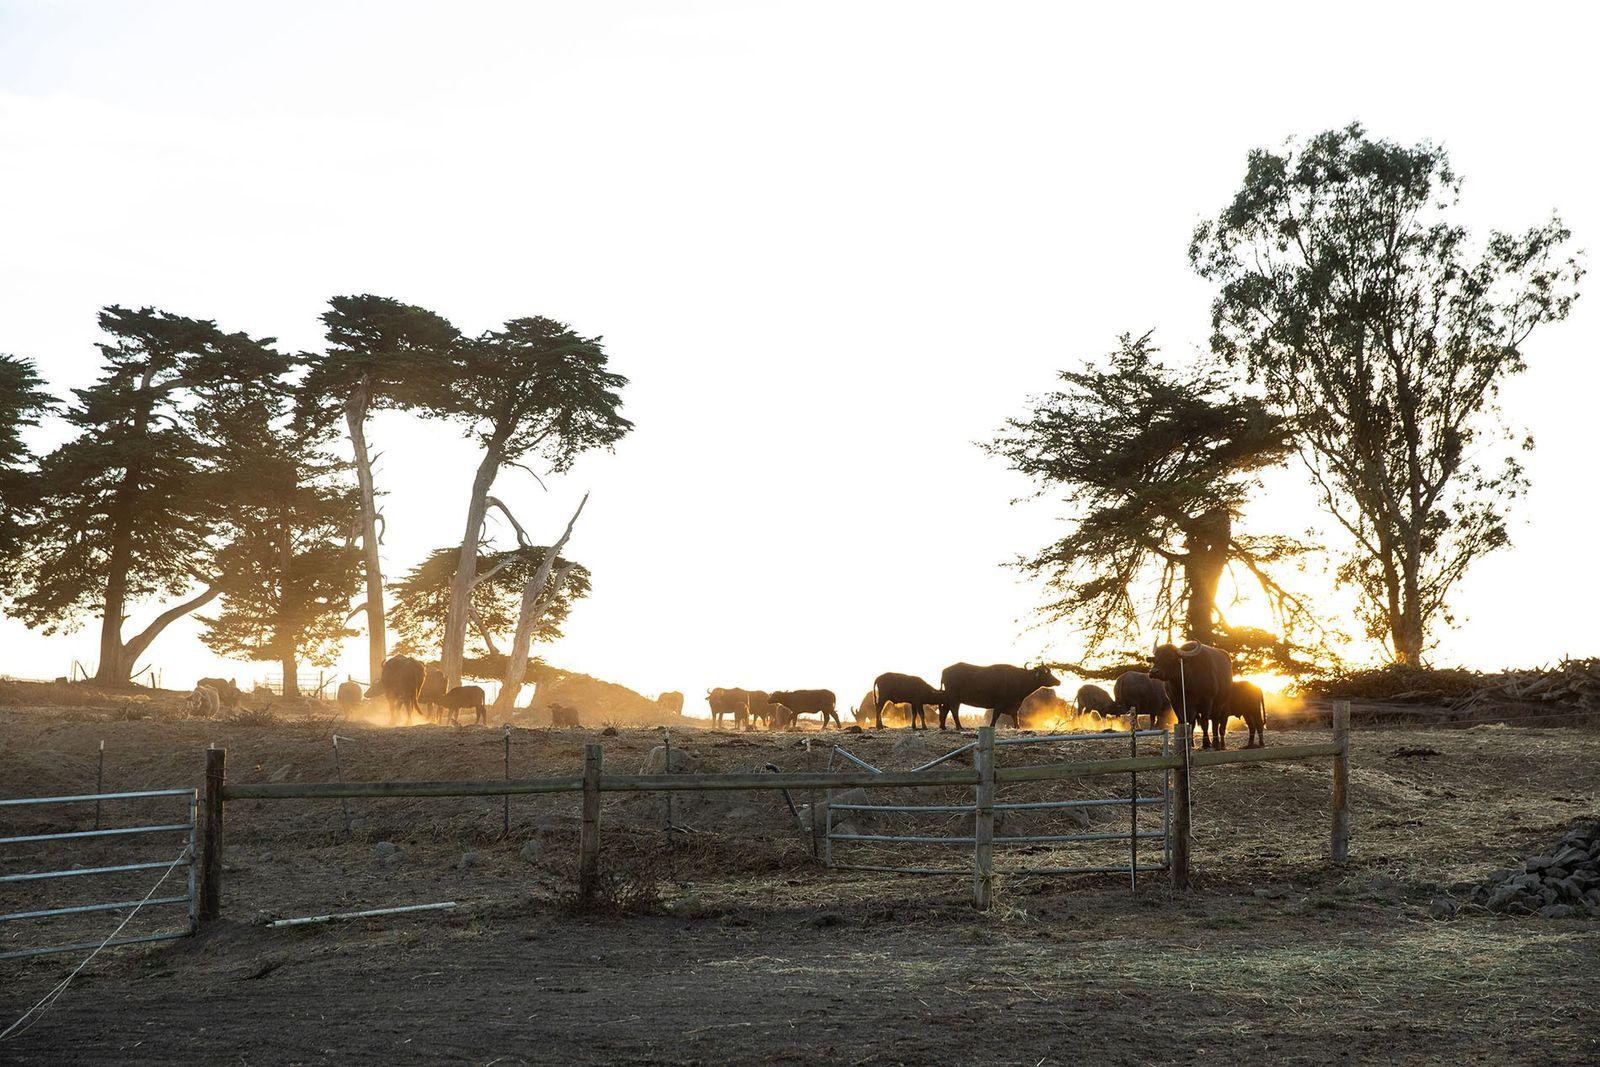 Buffalos at Ramini Mozzarella.